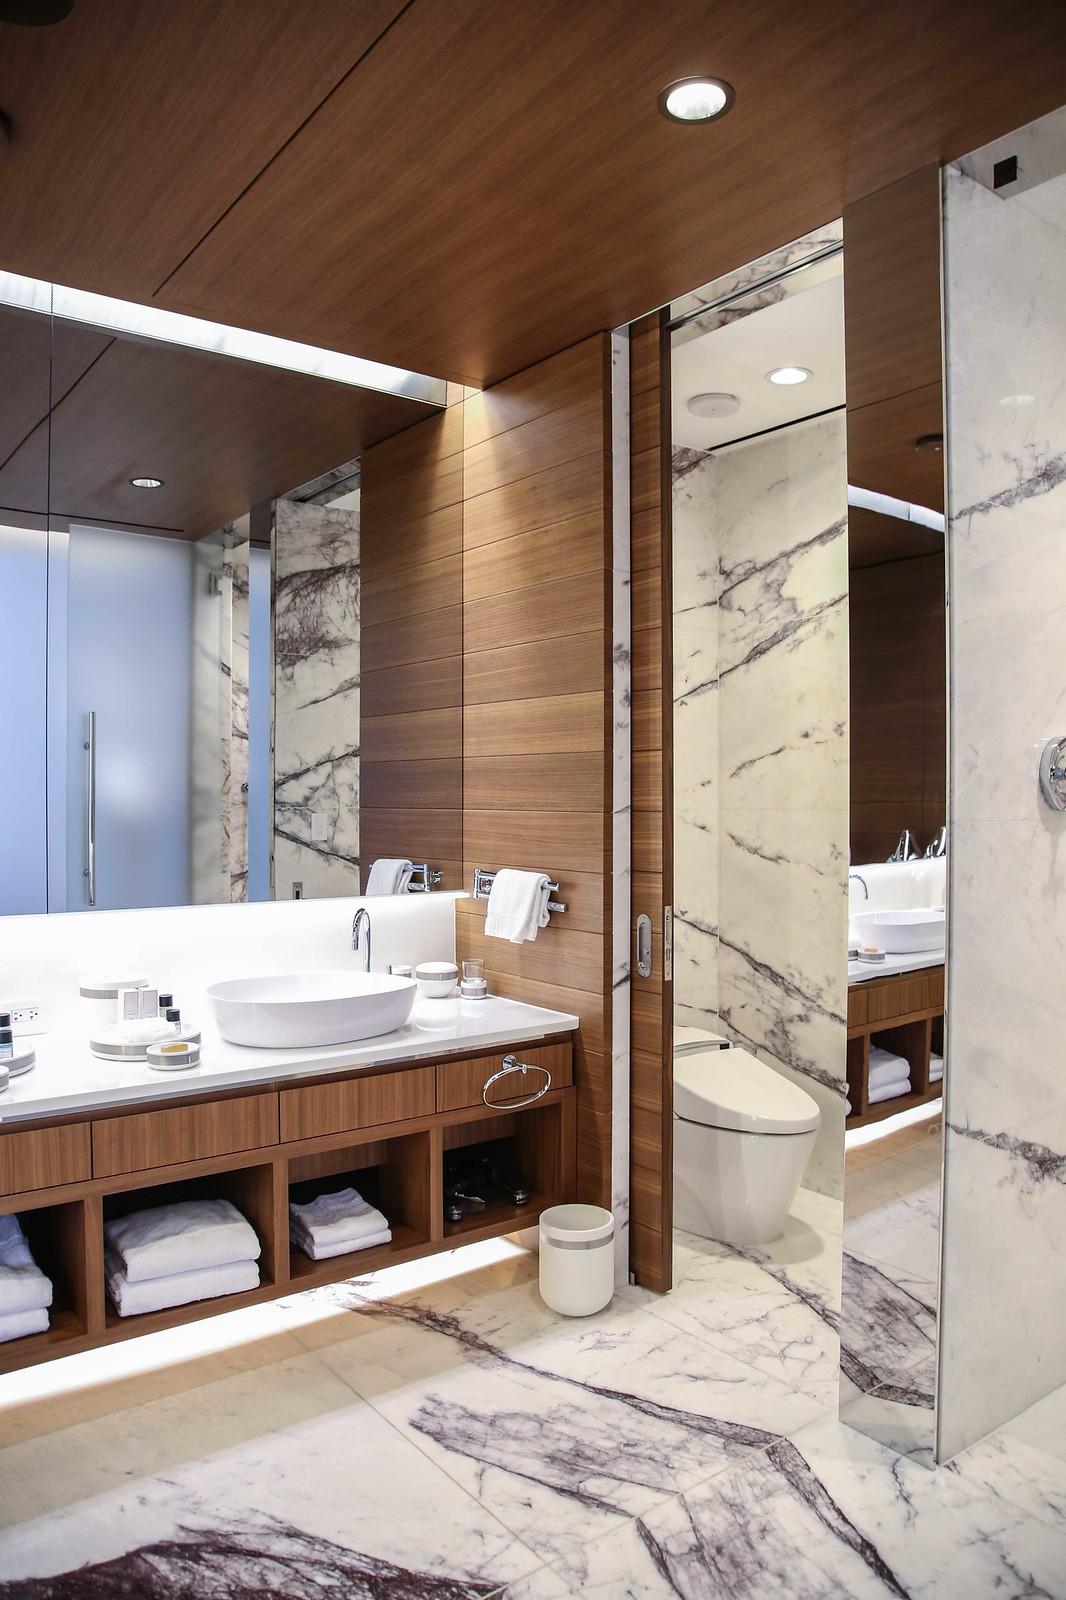 red rock resort suite guest bathroom review